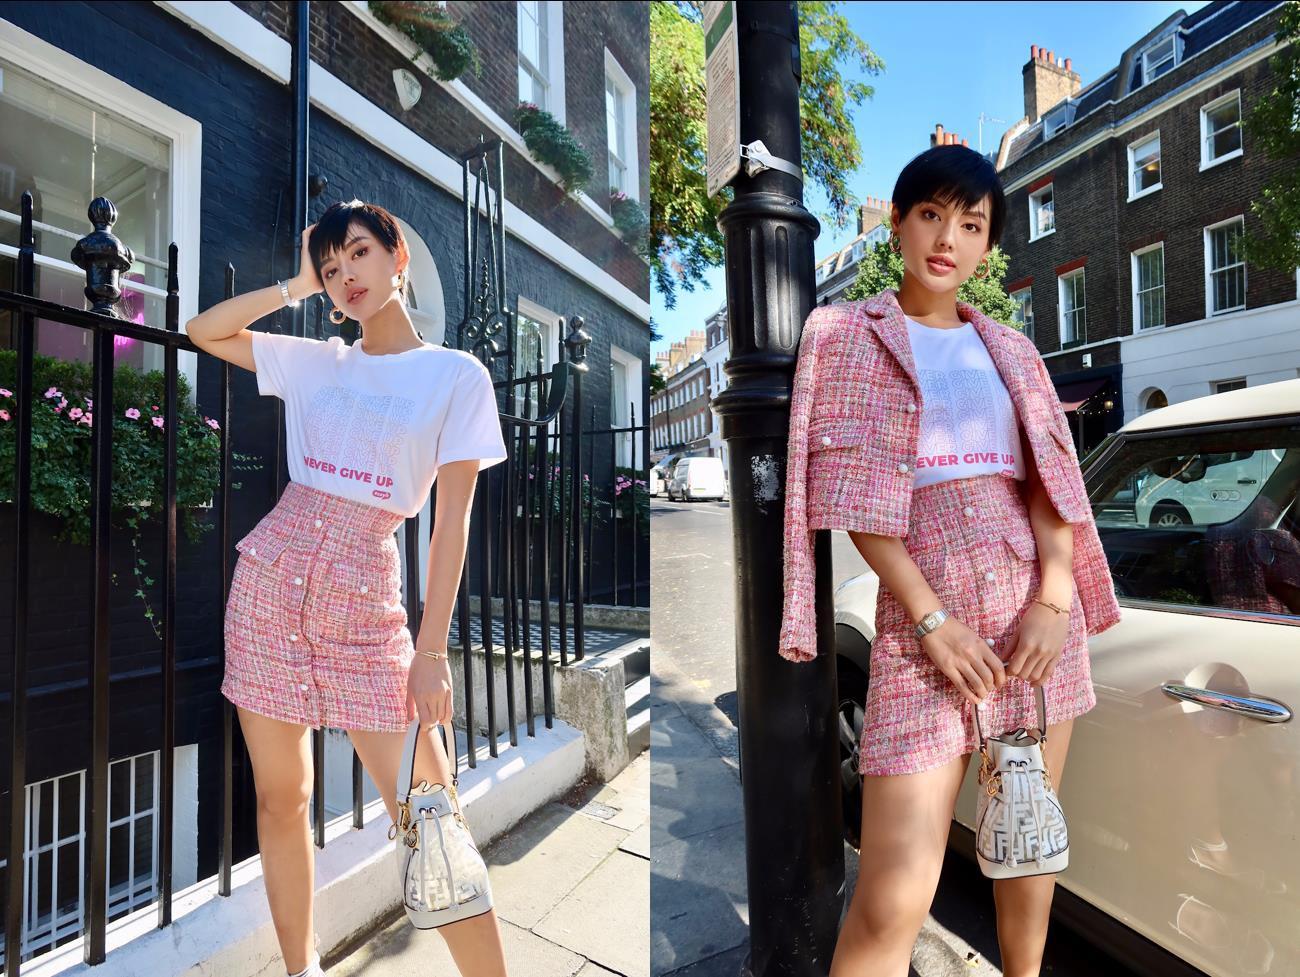 Cùng đi công tác, cùng mặc áo phông #sayit nhưng Giang Ơi và Khánh Linh lại mix đồ khác nhau một trời một vực - Ảnh 1.